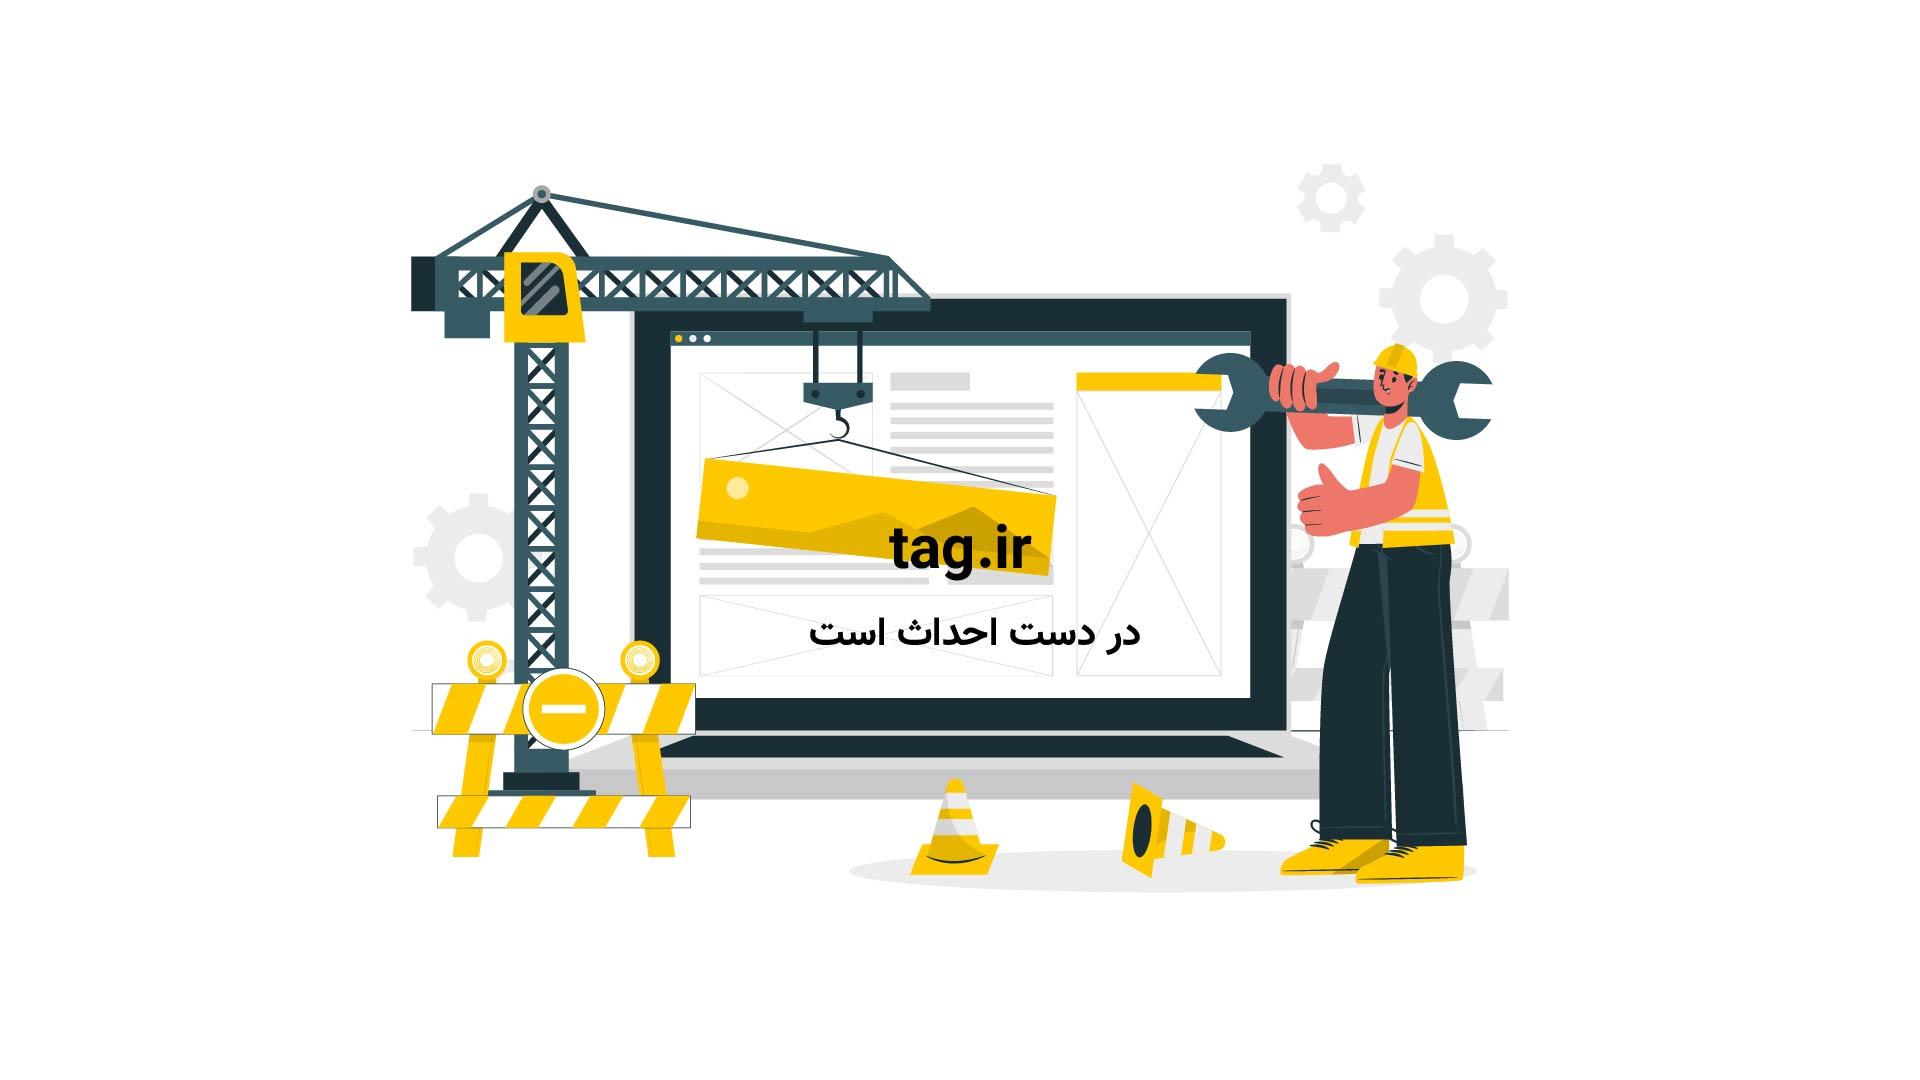 نقاشی شیر جنگل